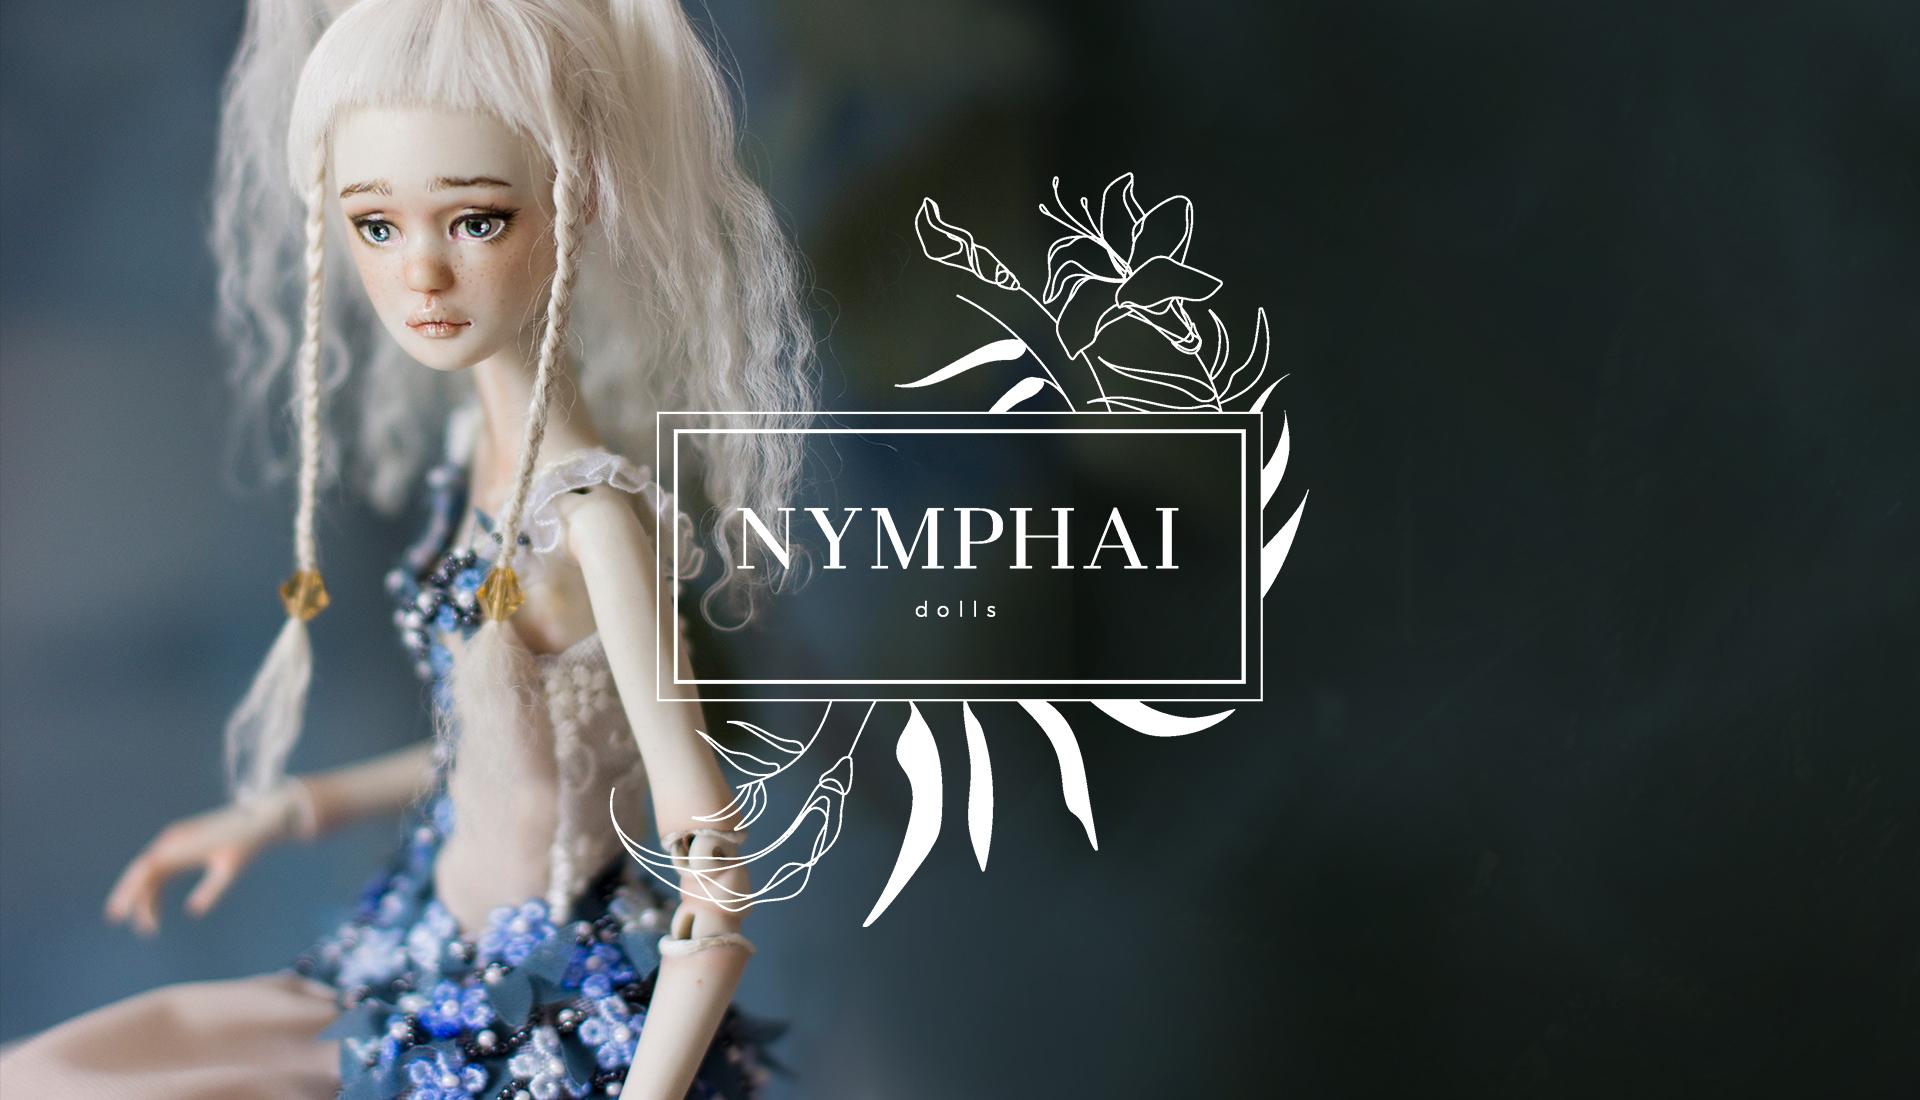 Nymphai Dolls